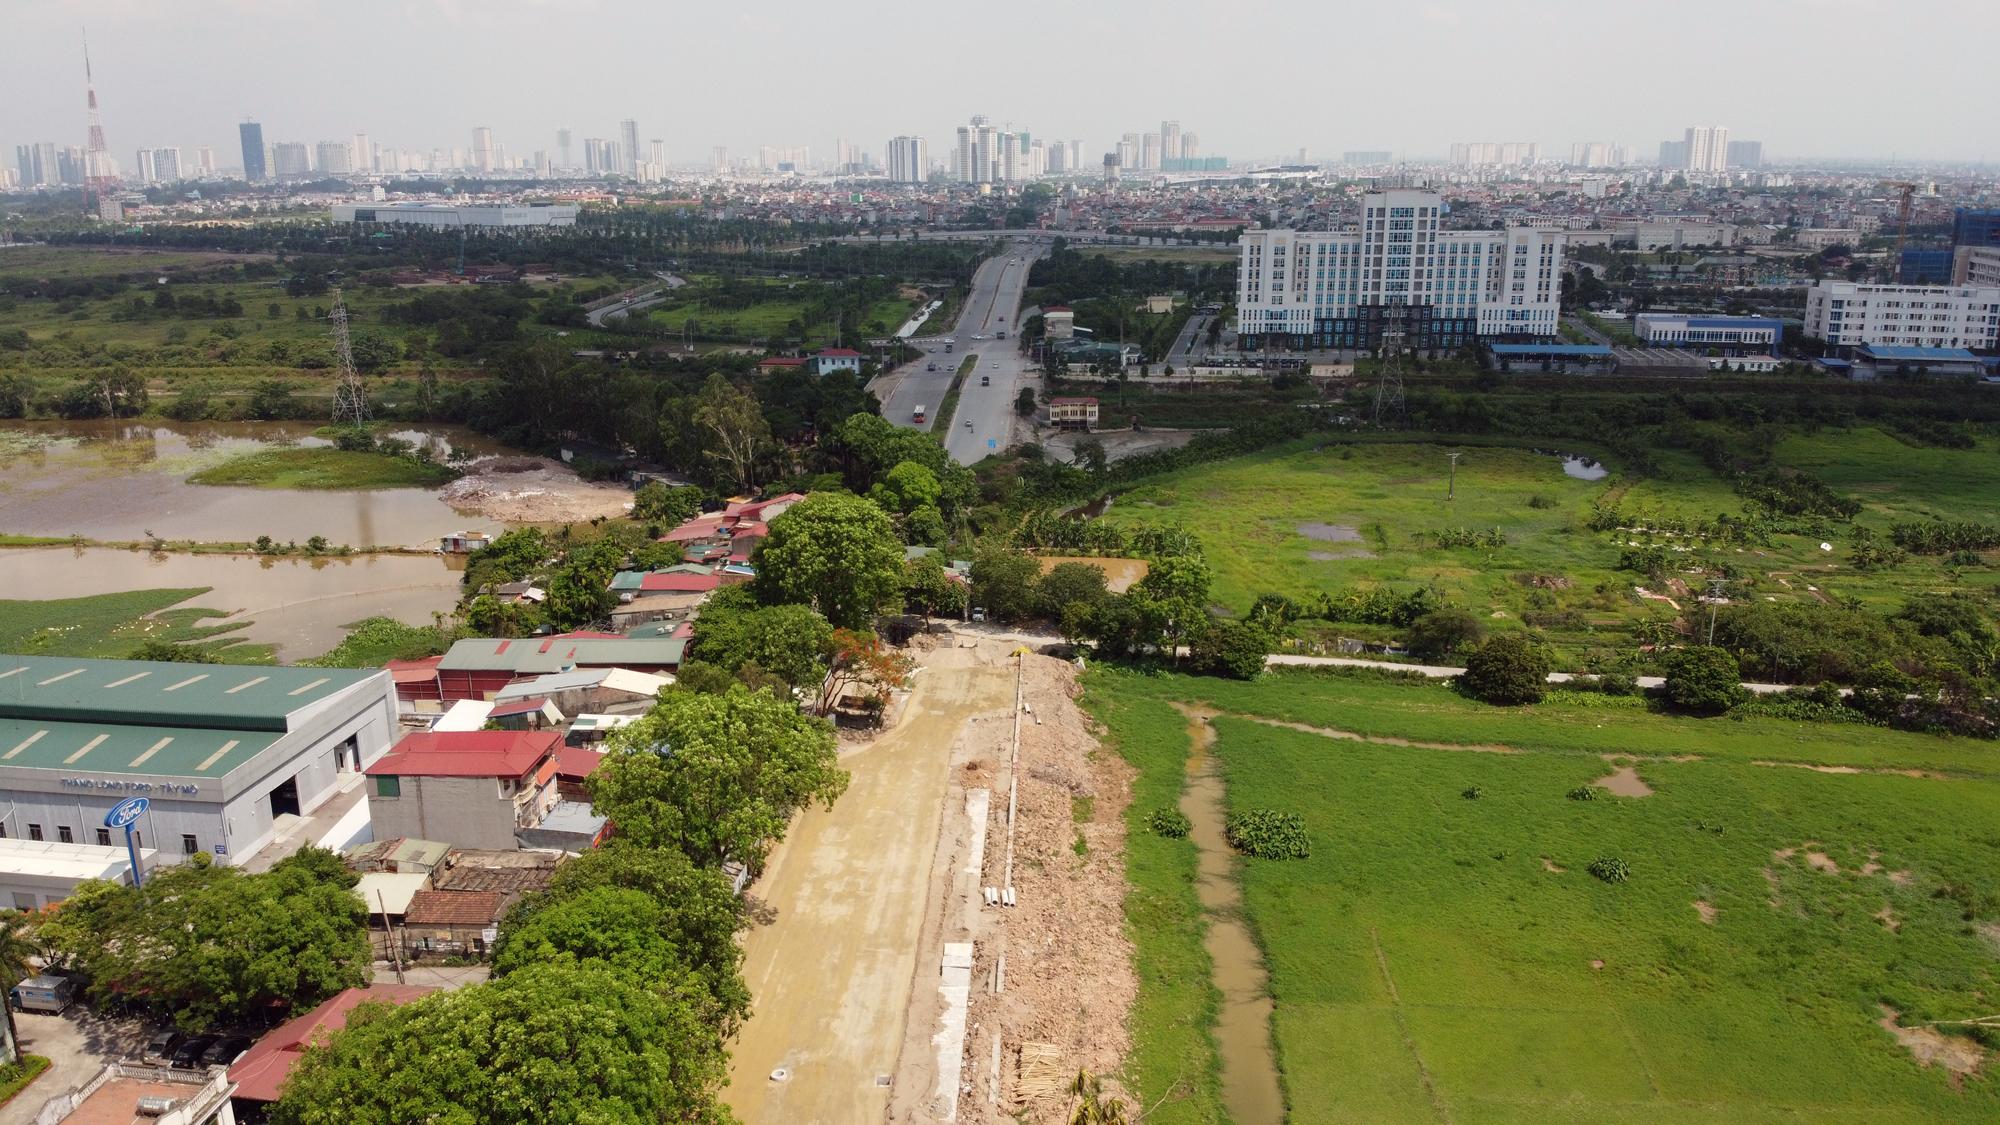 Toàn cảnh nơi xây dựng tuyến đường dài 3km trị giá gần 500 tỉ đồng ở quận Nam Từ Liêm - Ảnh 5.